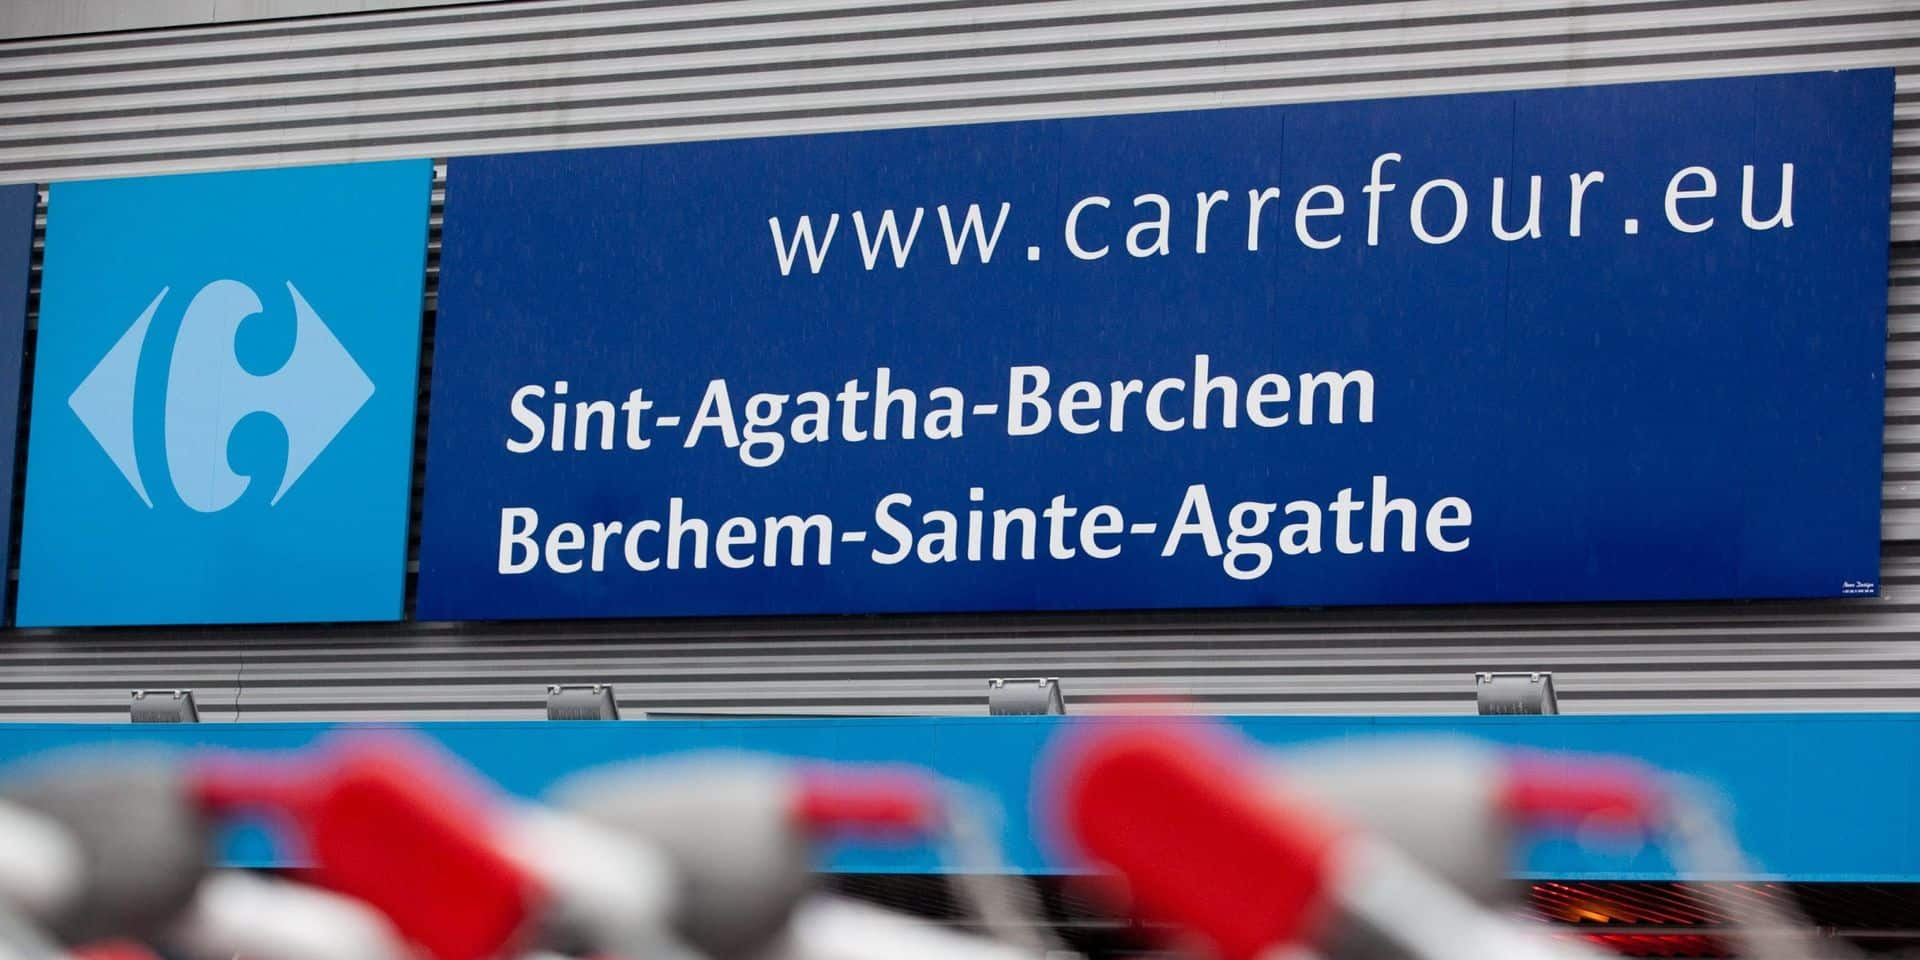 """Du personnel fait grève au Carrefour de Berchem en raison d'agressions par des clients: """"Le phénomène s'amplifie et elles sont de plus en plus graves"""""""